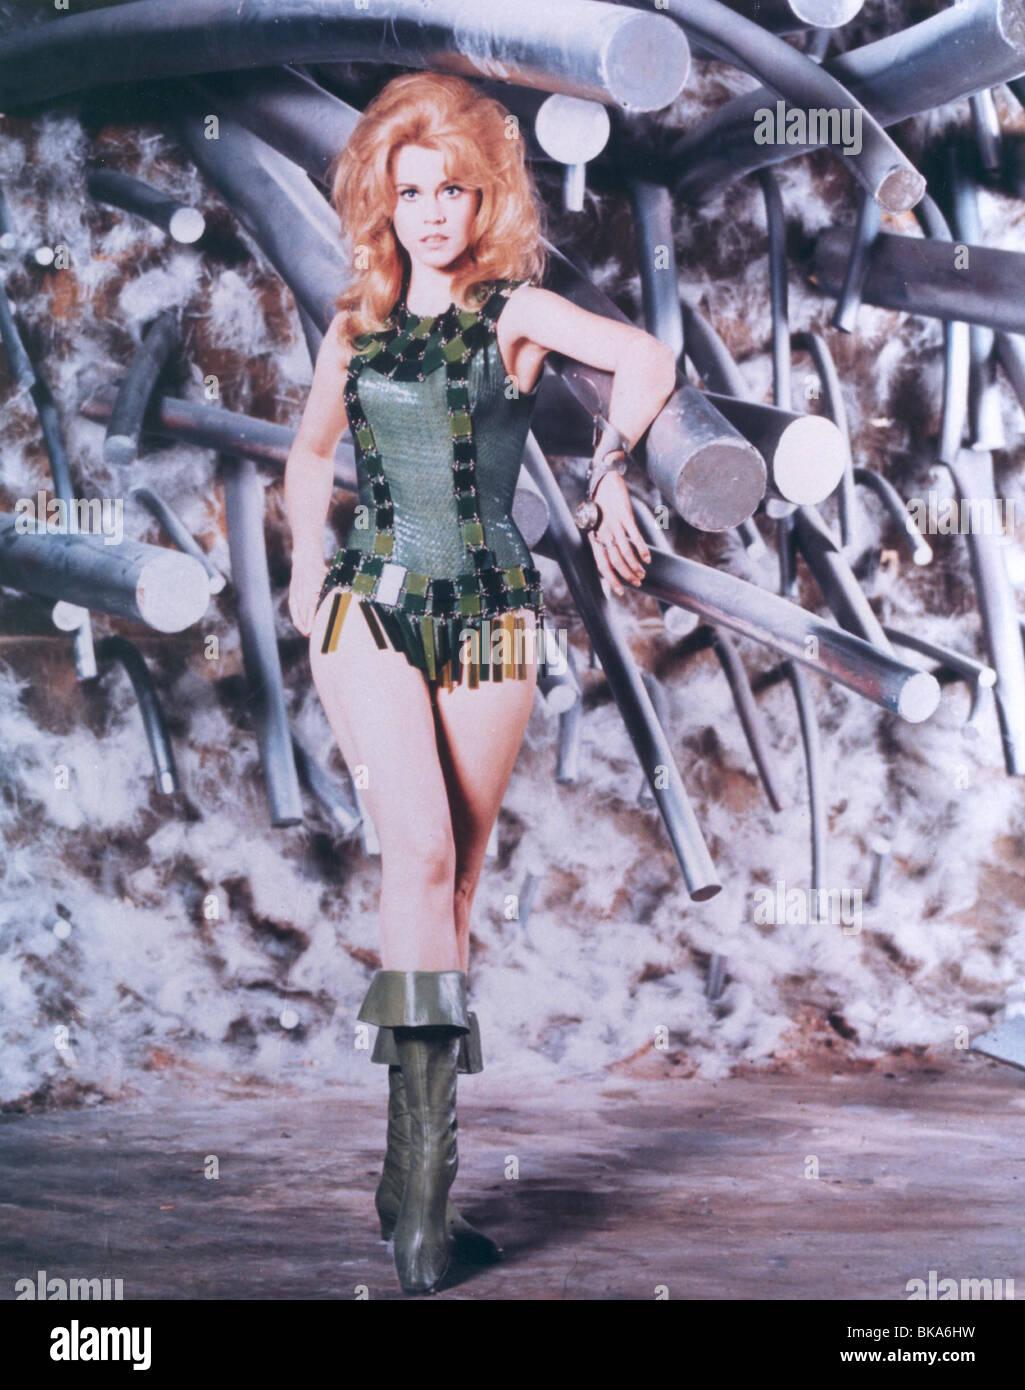 BARBARELLA (1967) JANE FONDA, BARBARELLA BRB 003CP Stock Photo